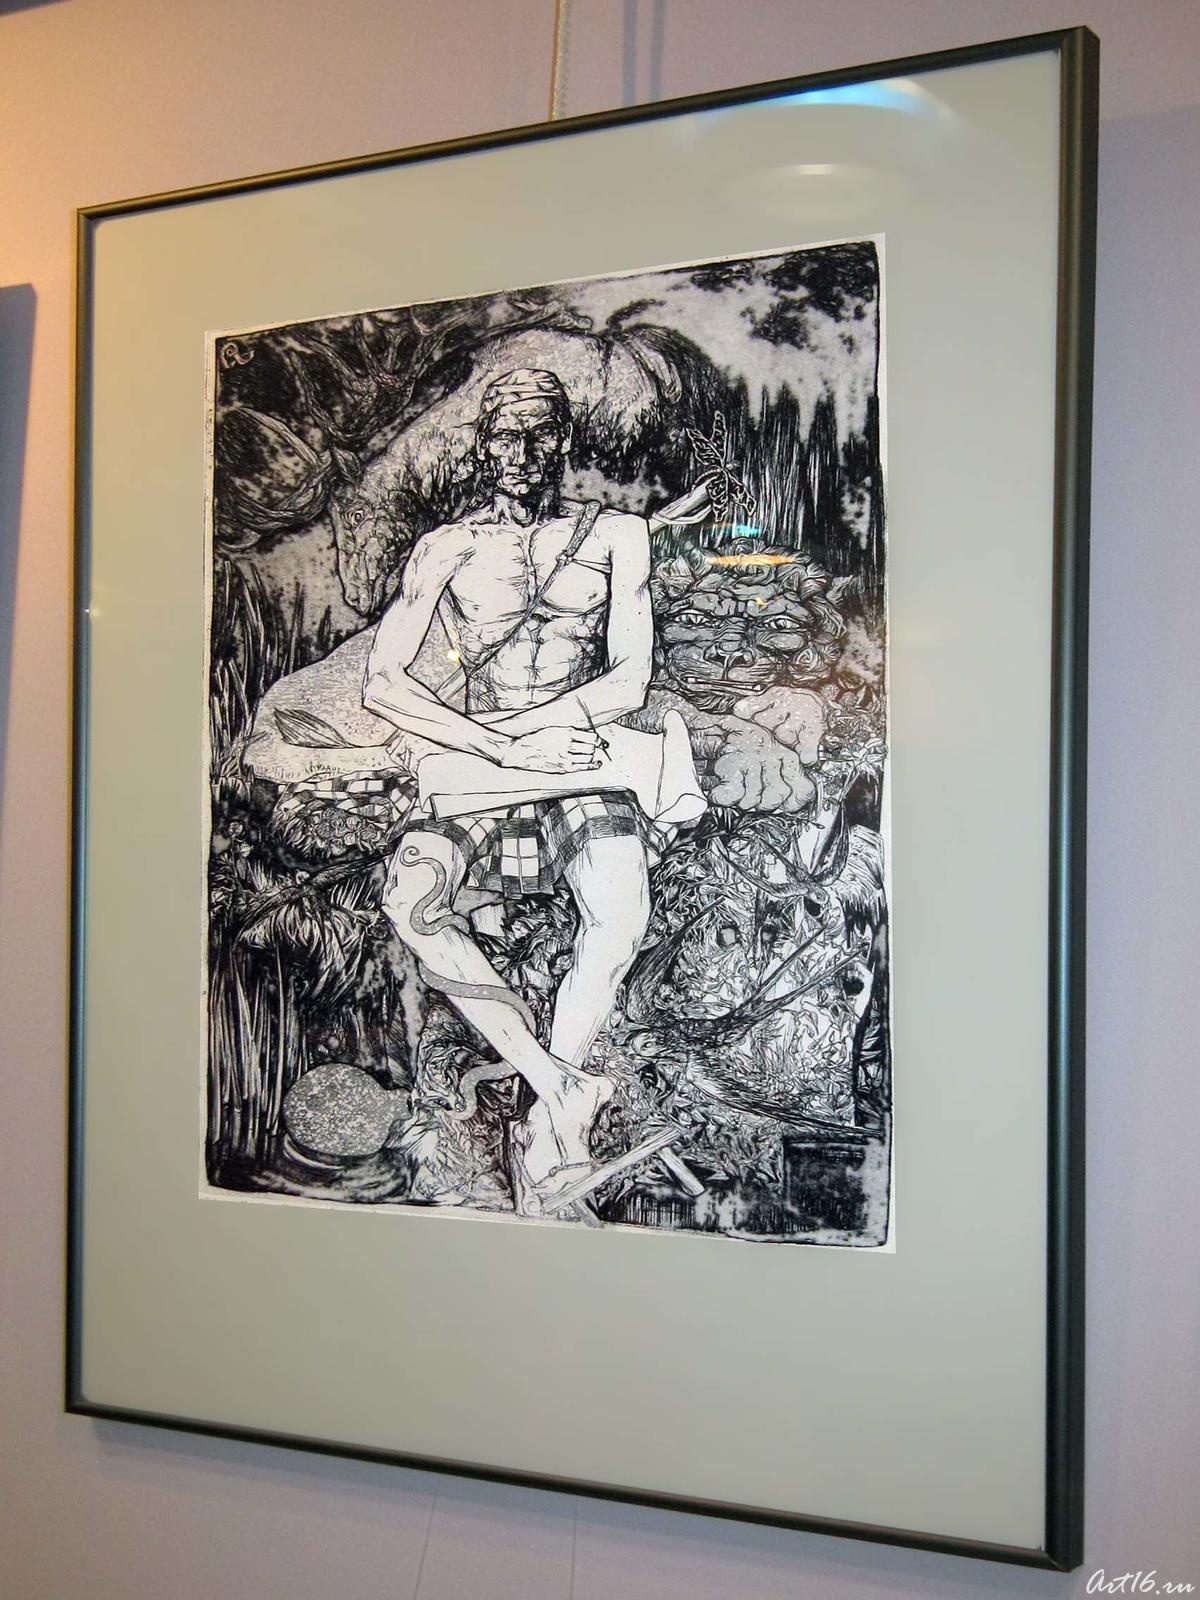 Фото №50800. Выставка мастеров творческого объединения ''Волшебная лавка''